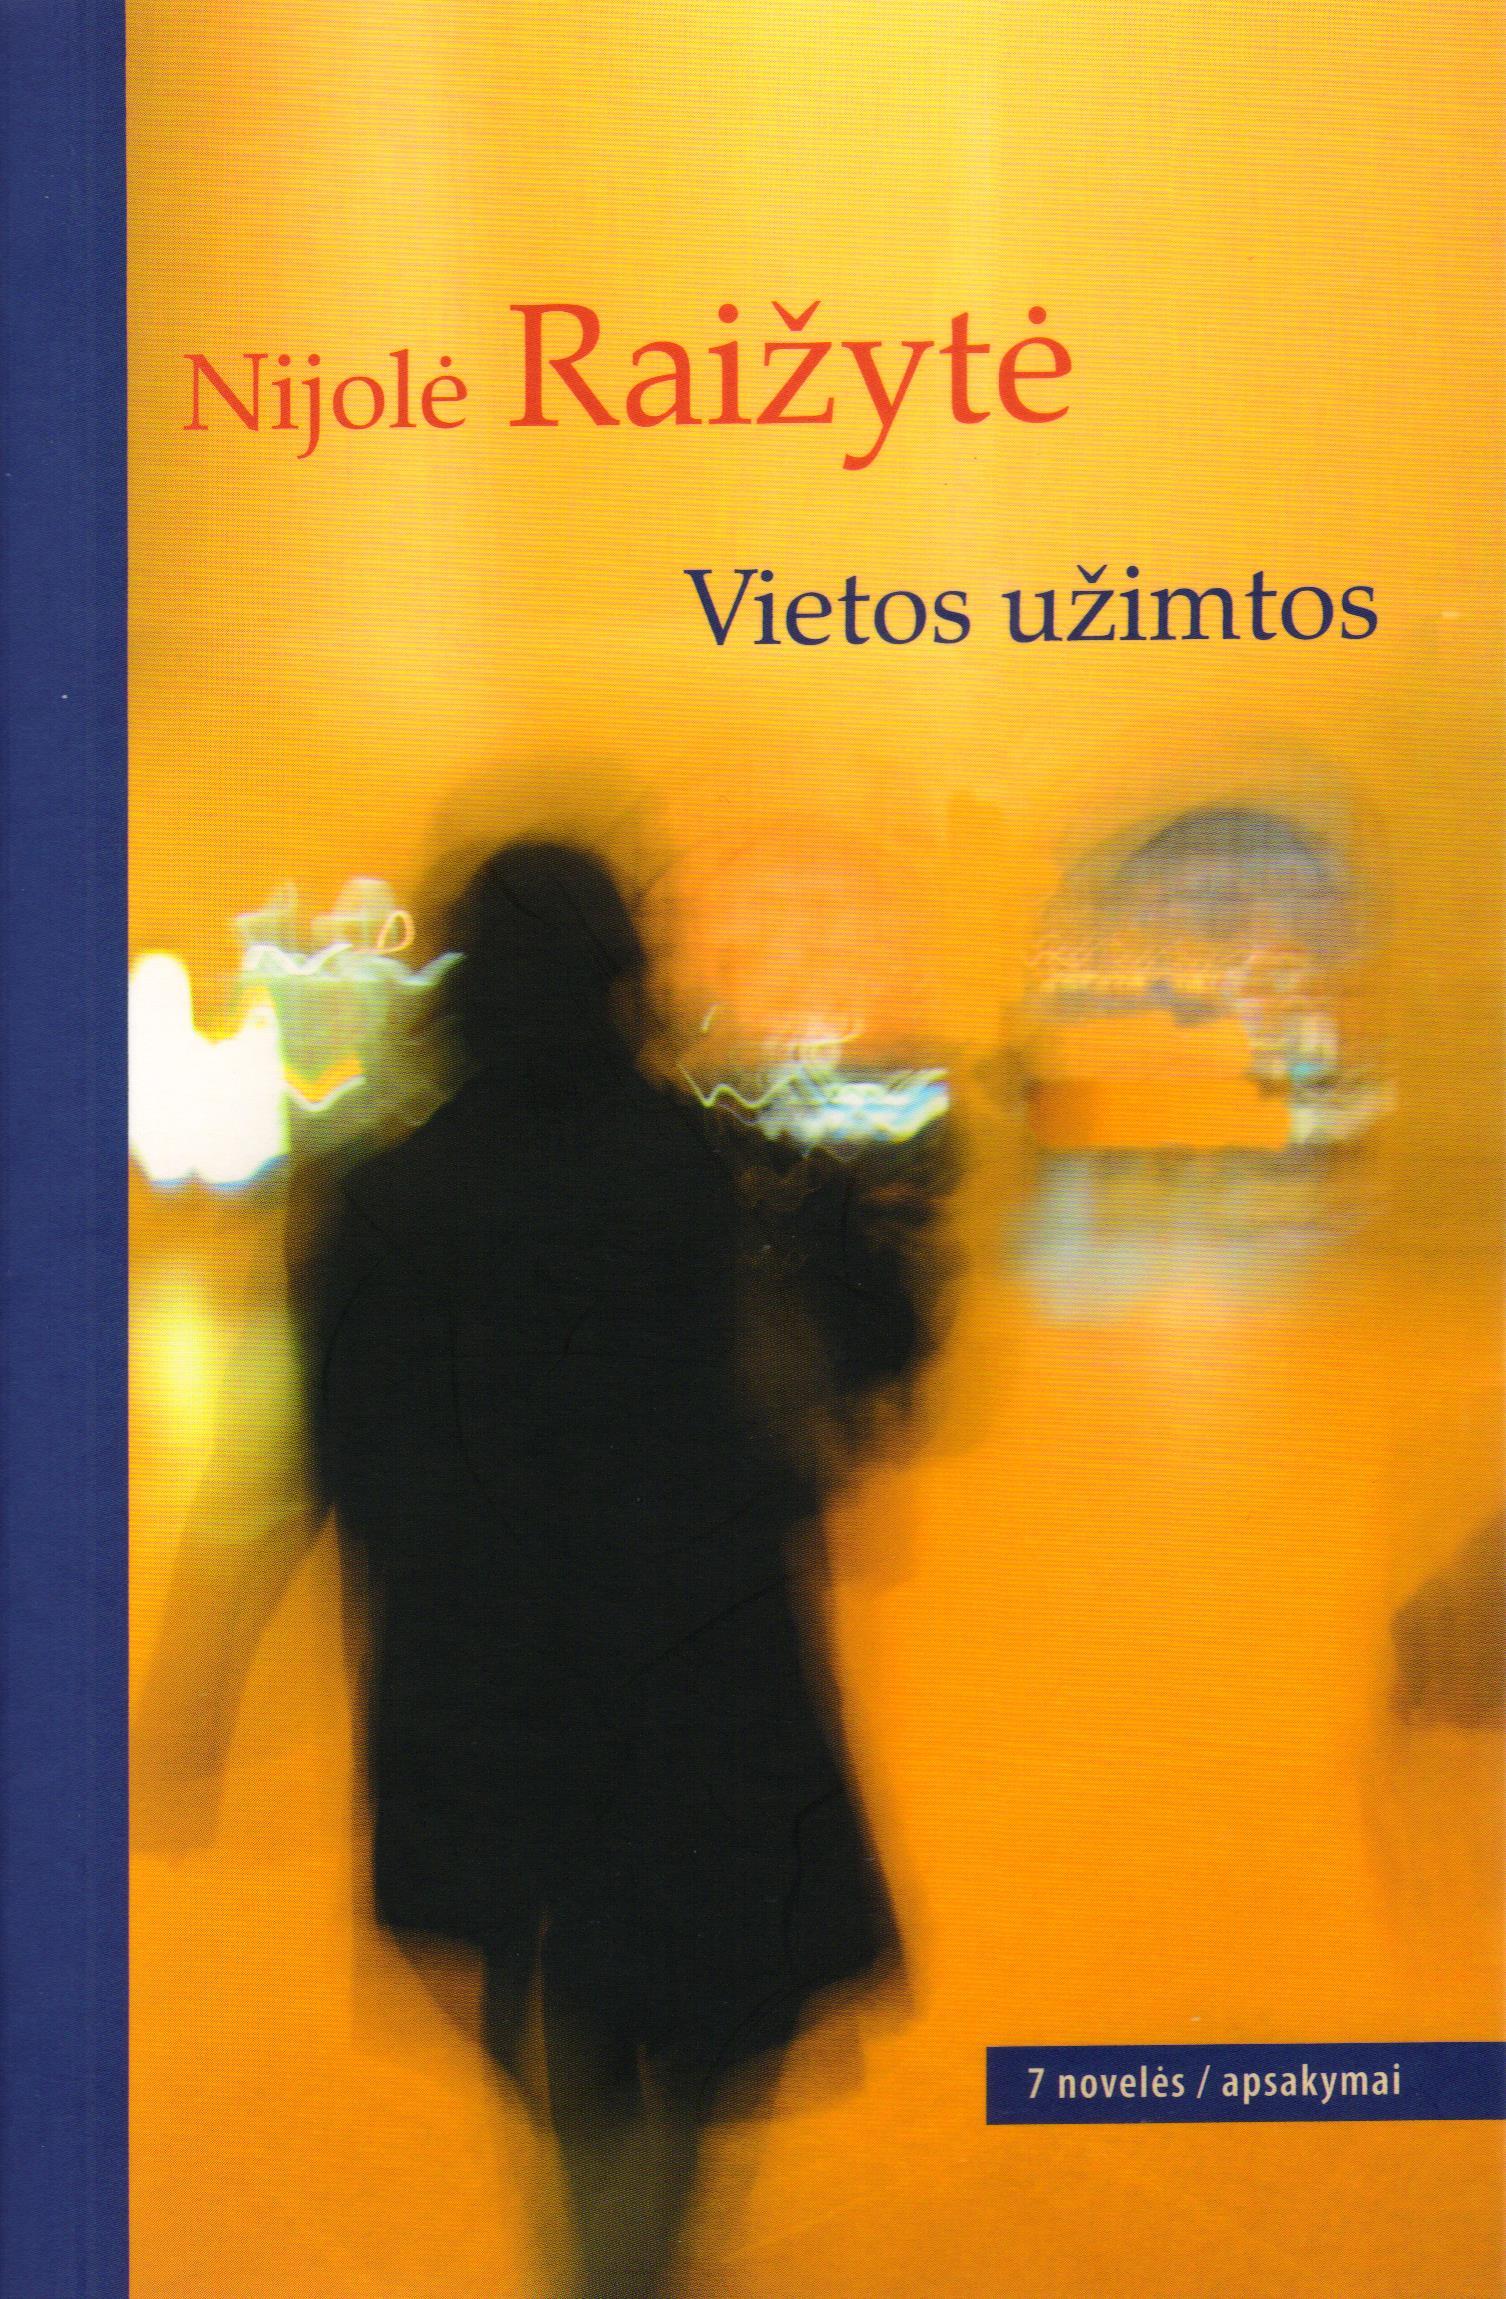 """Nijolė Raižytė """"Vietos užimtos"""" (Kaunas: Kauko laiptai, 2015)"""